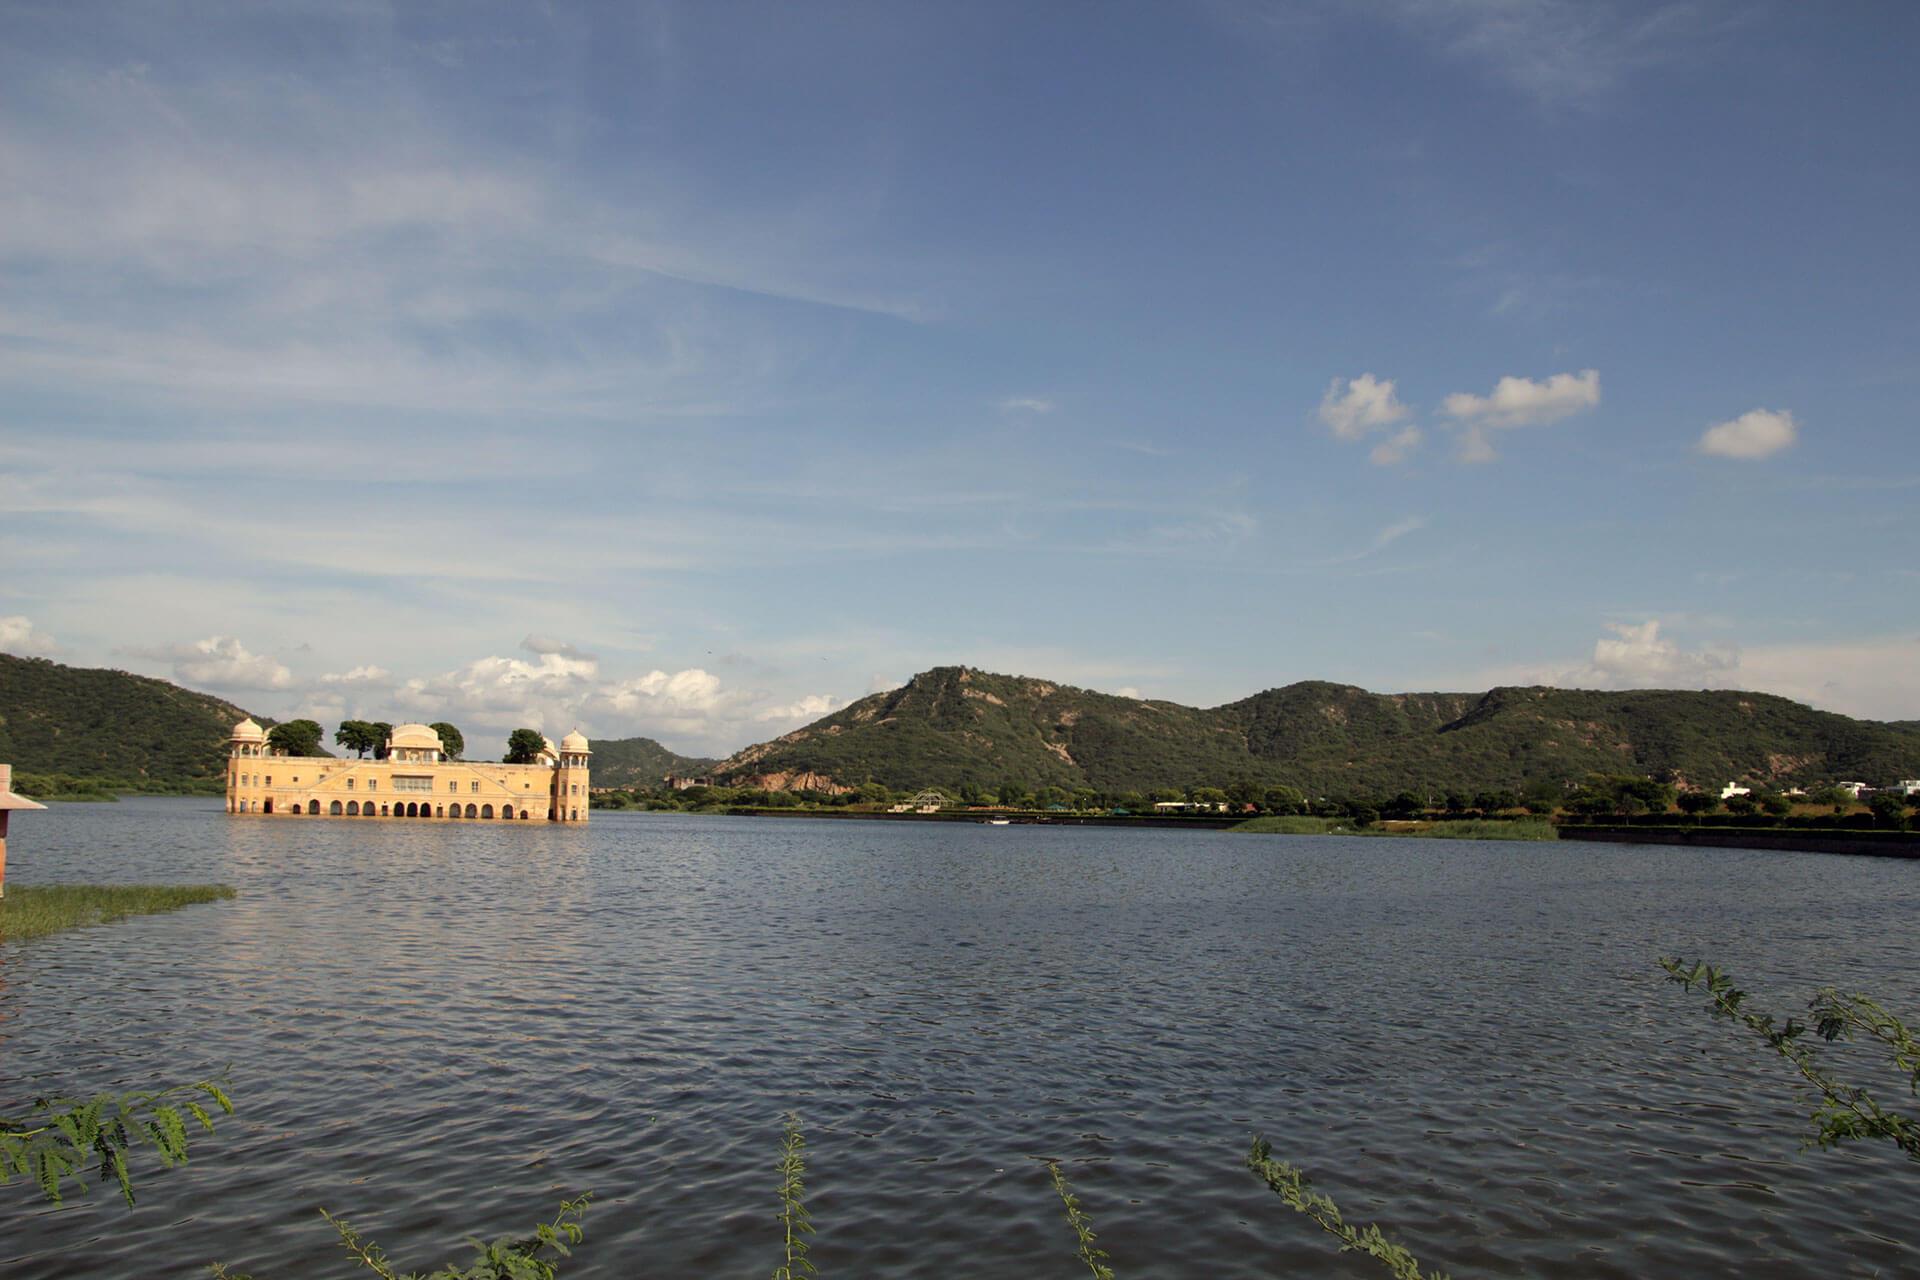 Jaipur - Jal Mahal